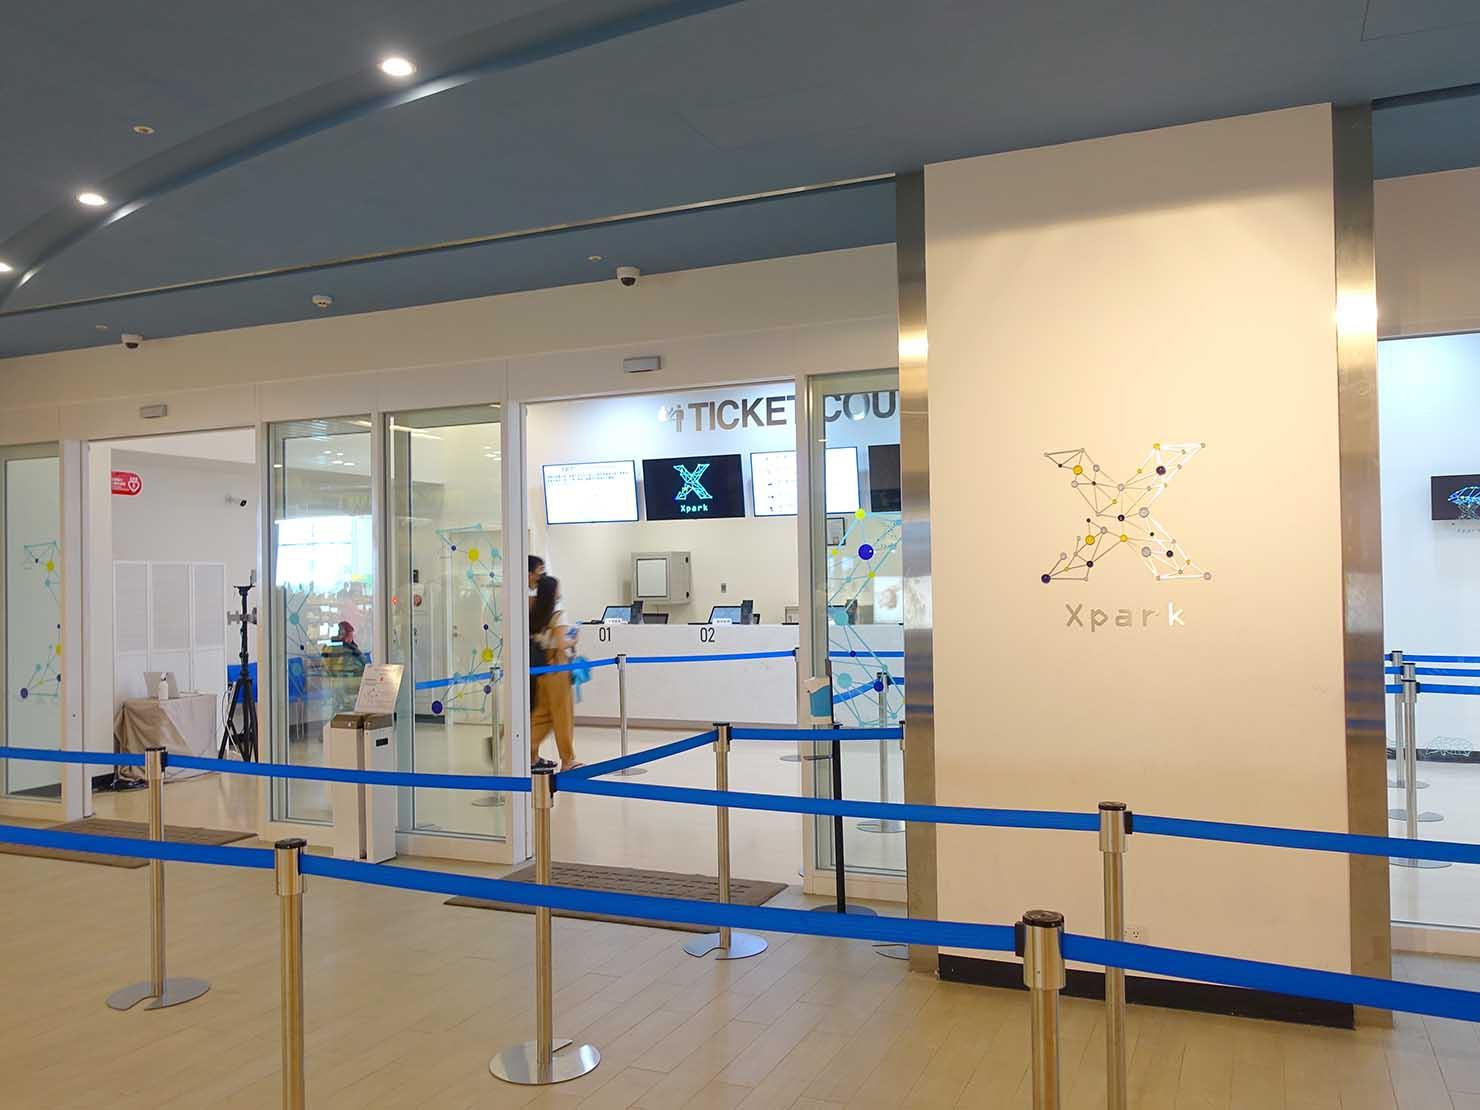 台北に誕生した都市型水族館「Xpark」のエントランス